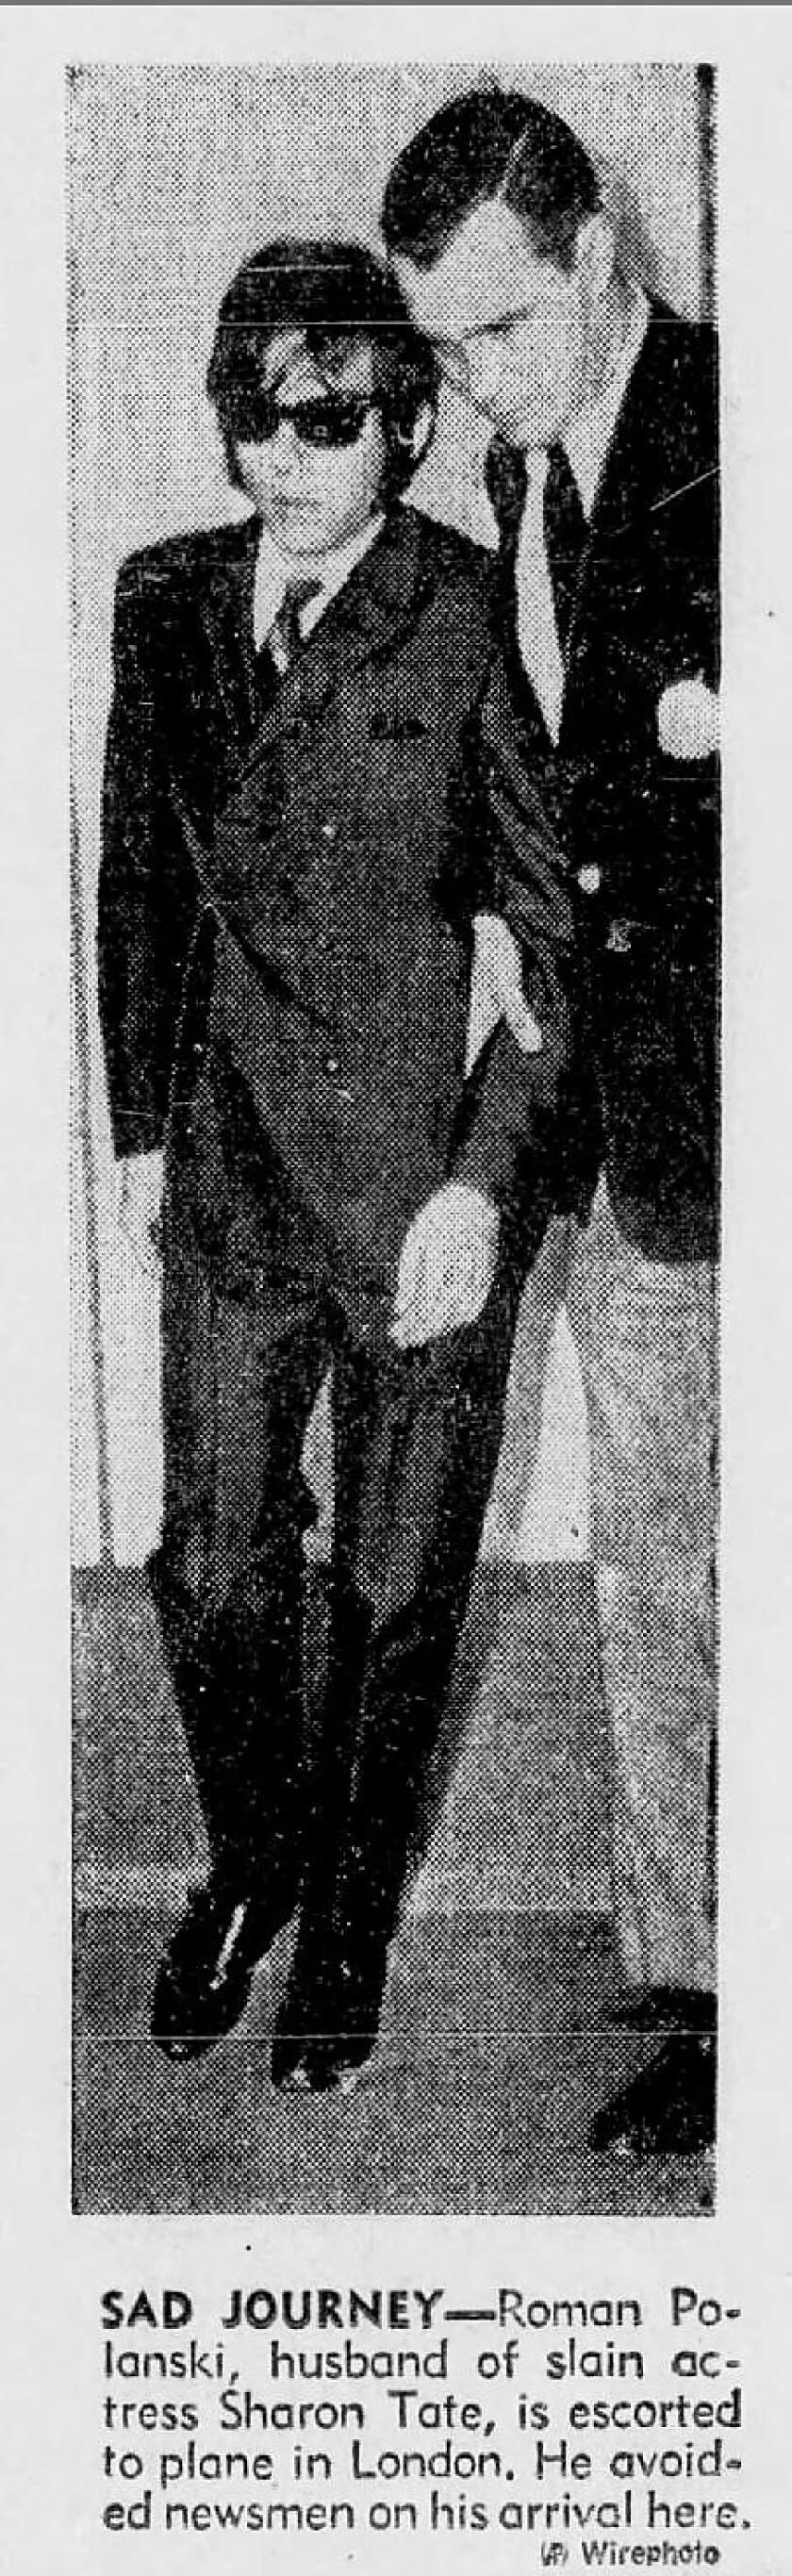 Roman Polanski escorted to plane in London